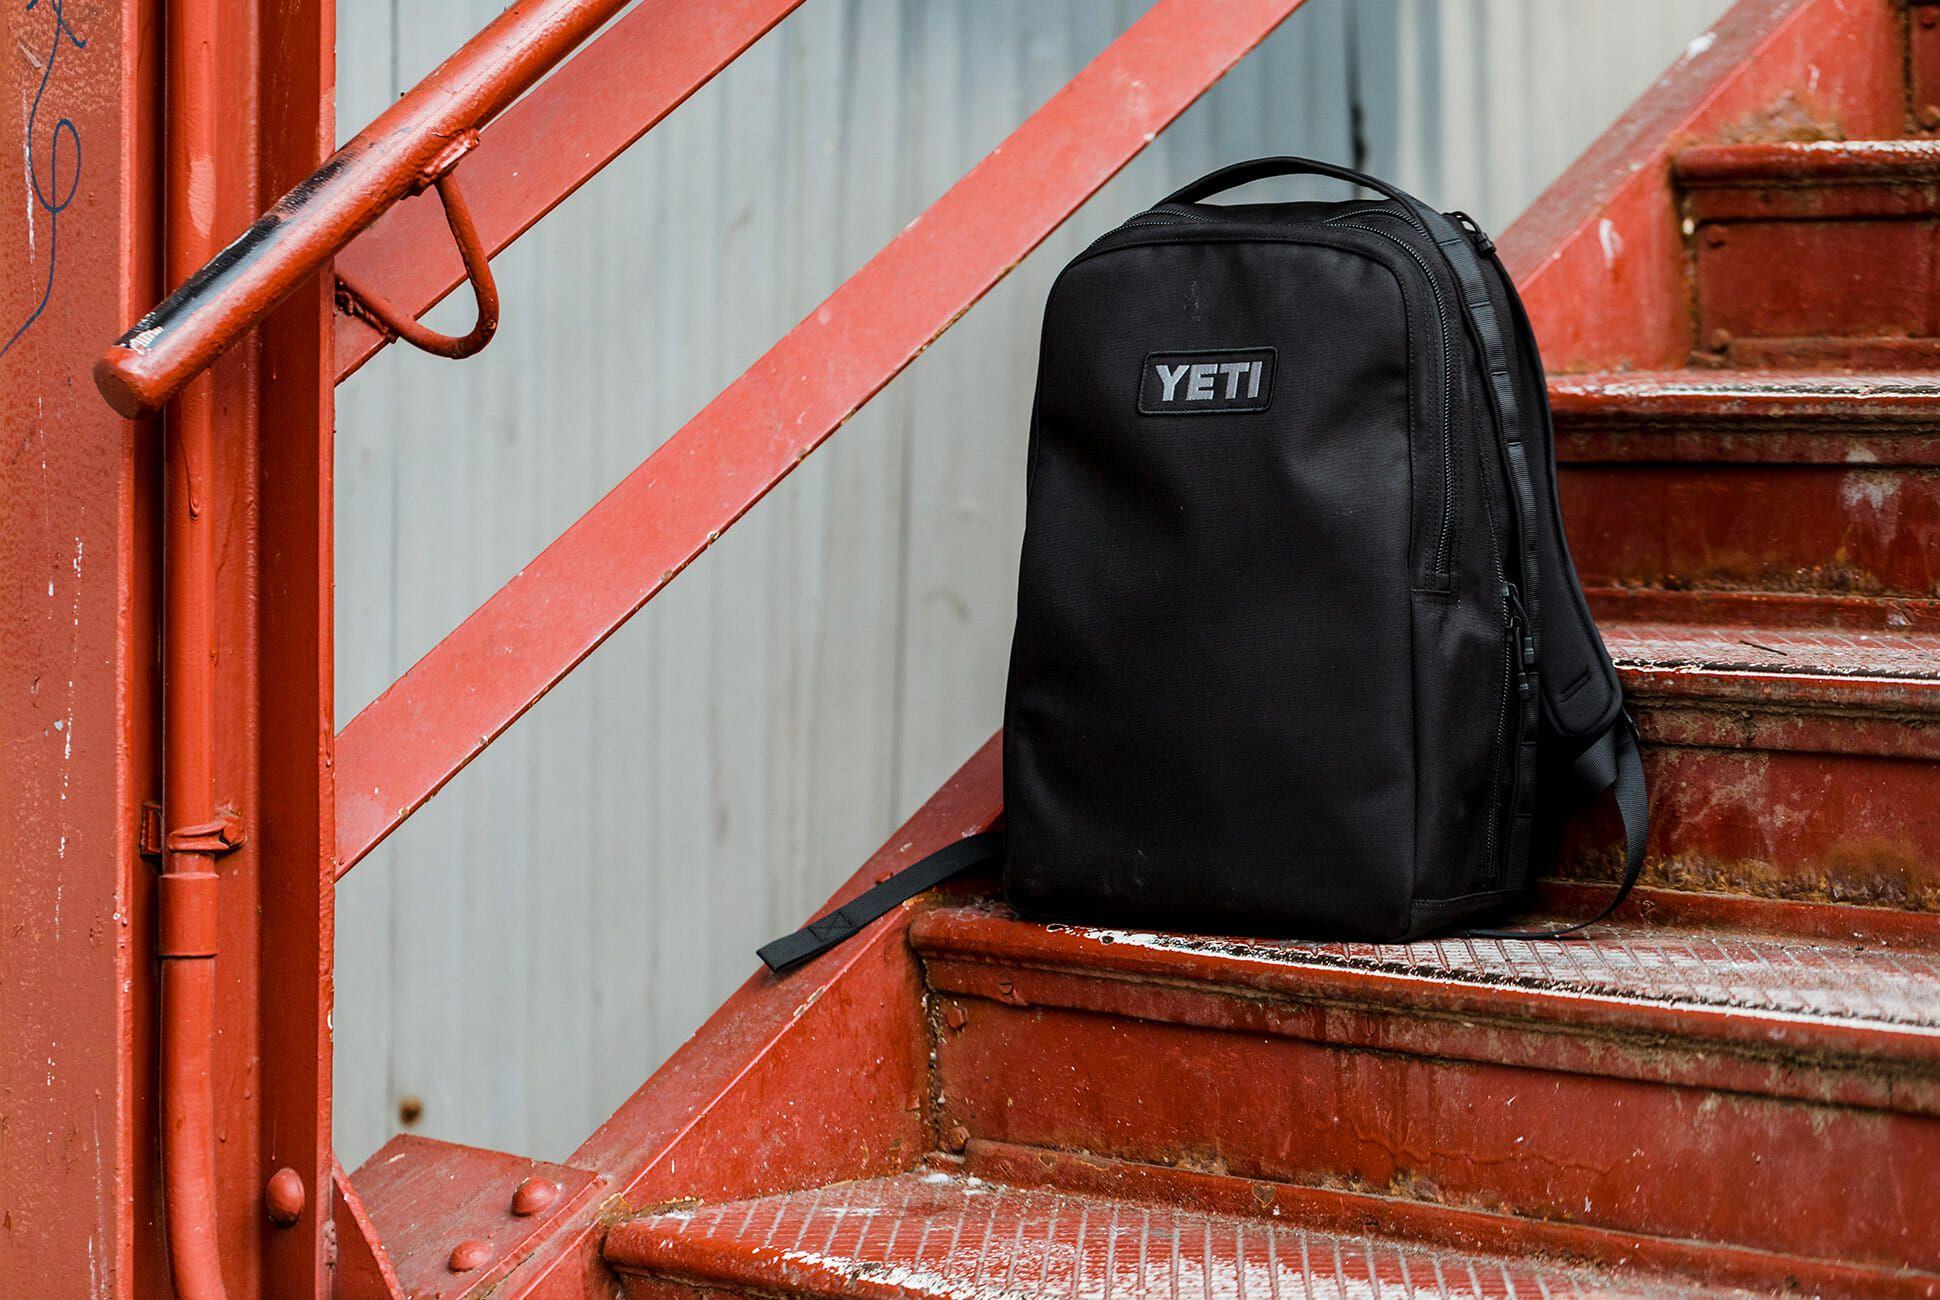 Yeti-Tocayo-Review-gear-patrol-2